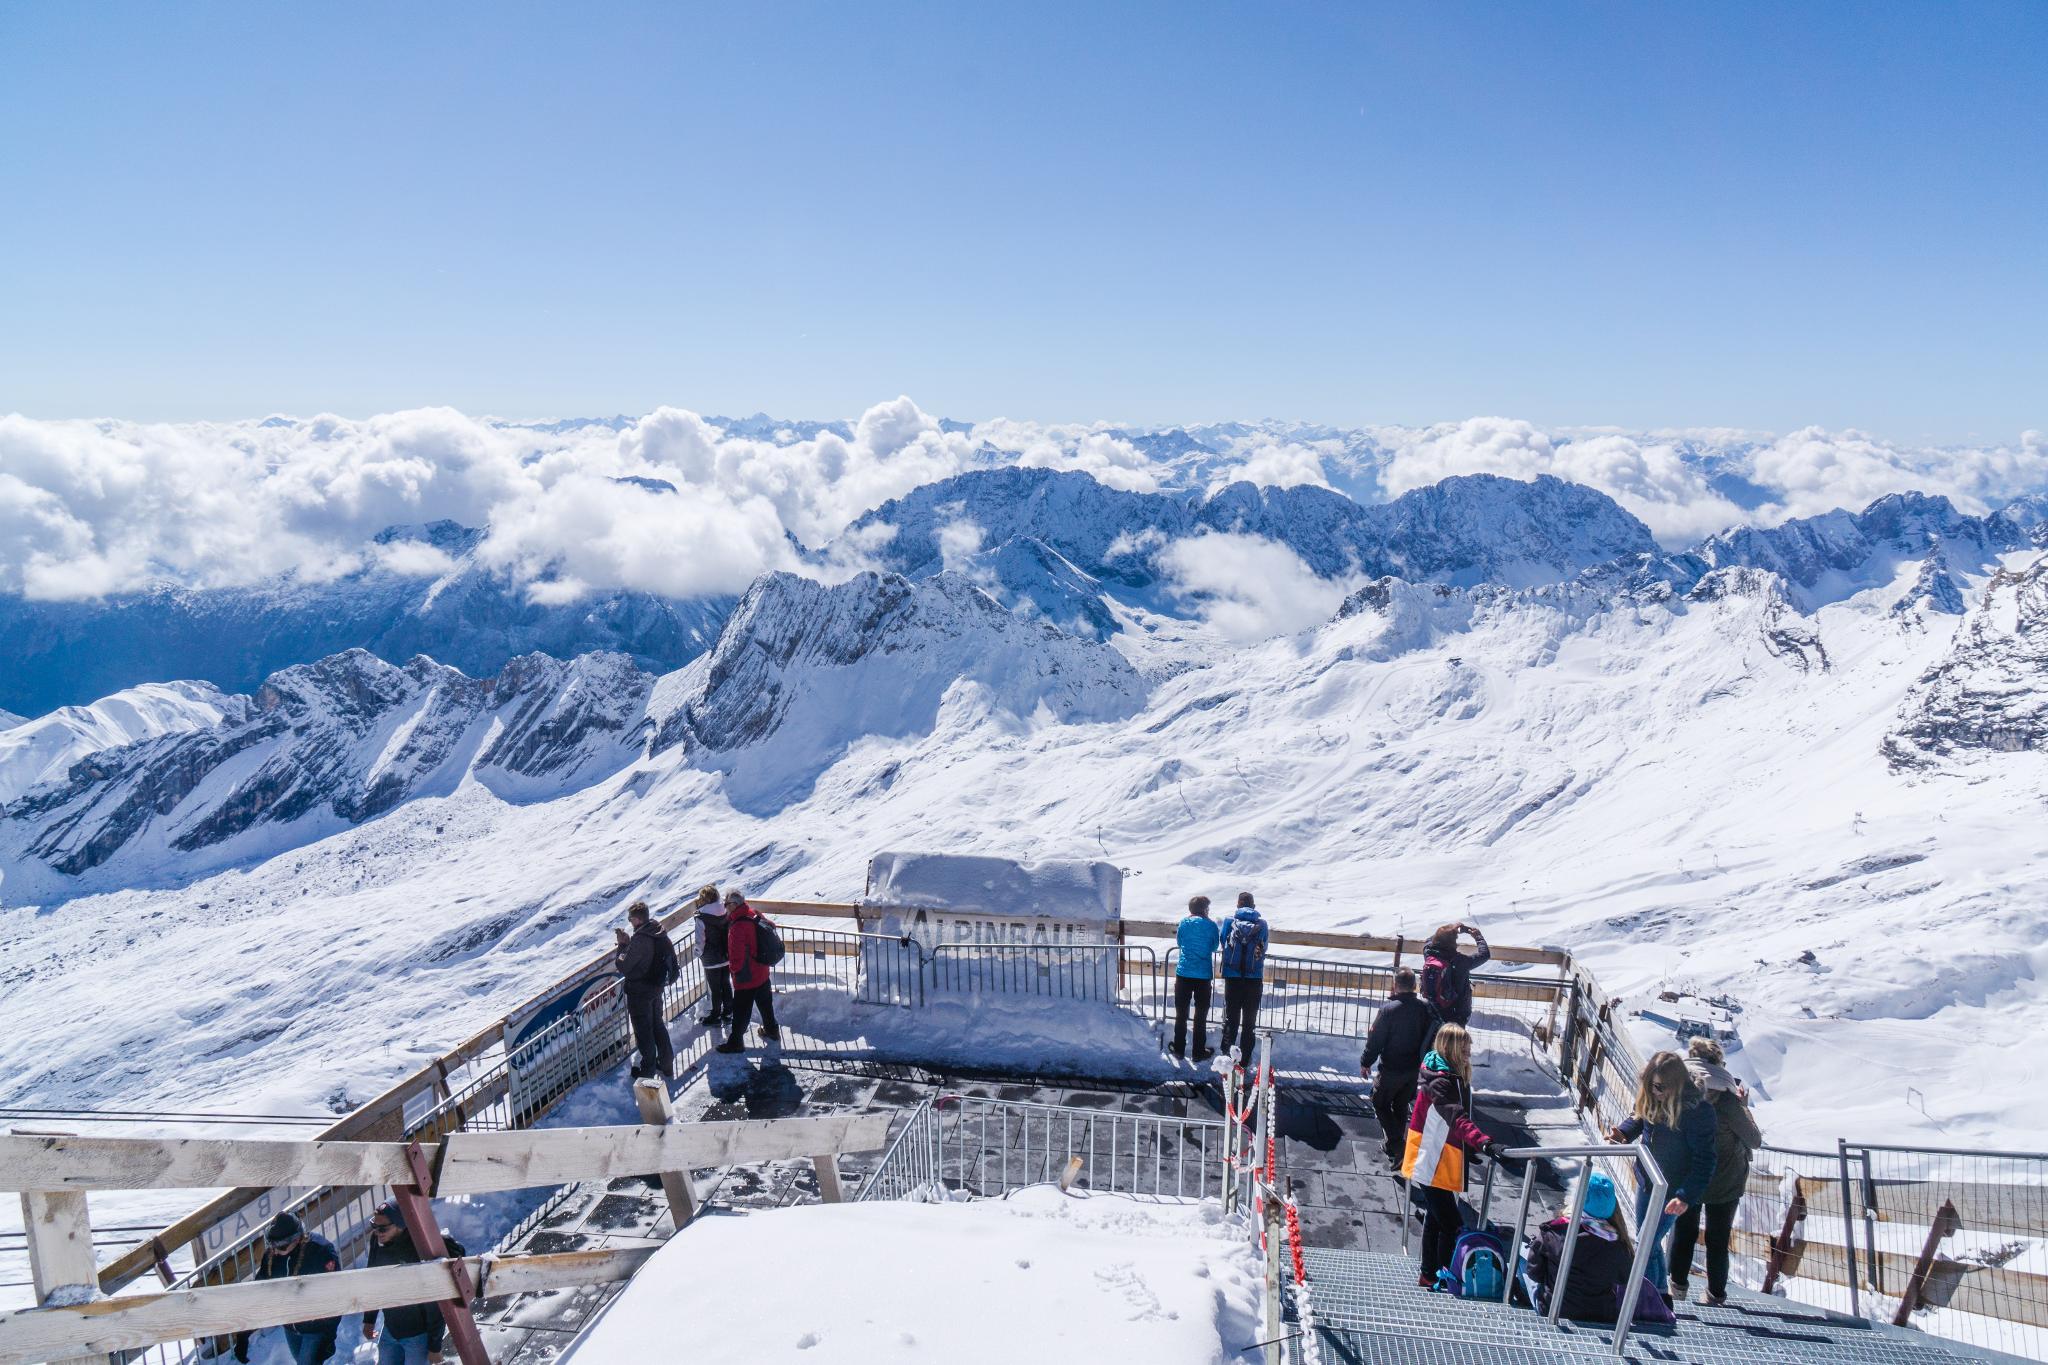 【德國】阿爾卑斯大道:楚格峰 (Zugspitze) 登上德國之巔 45